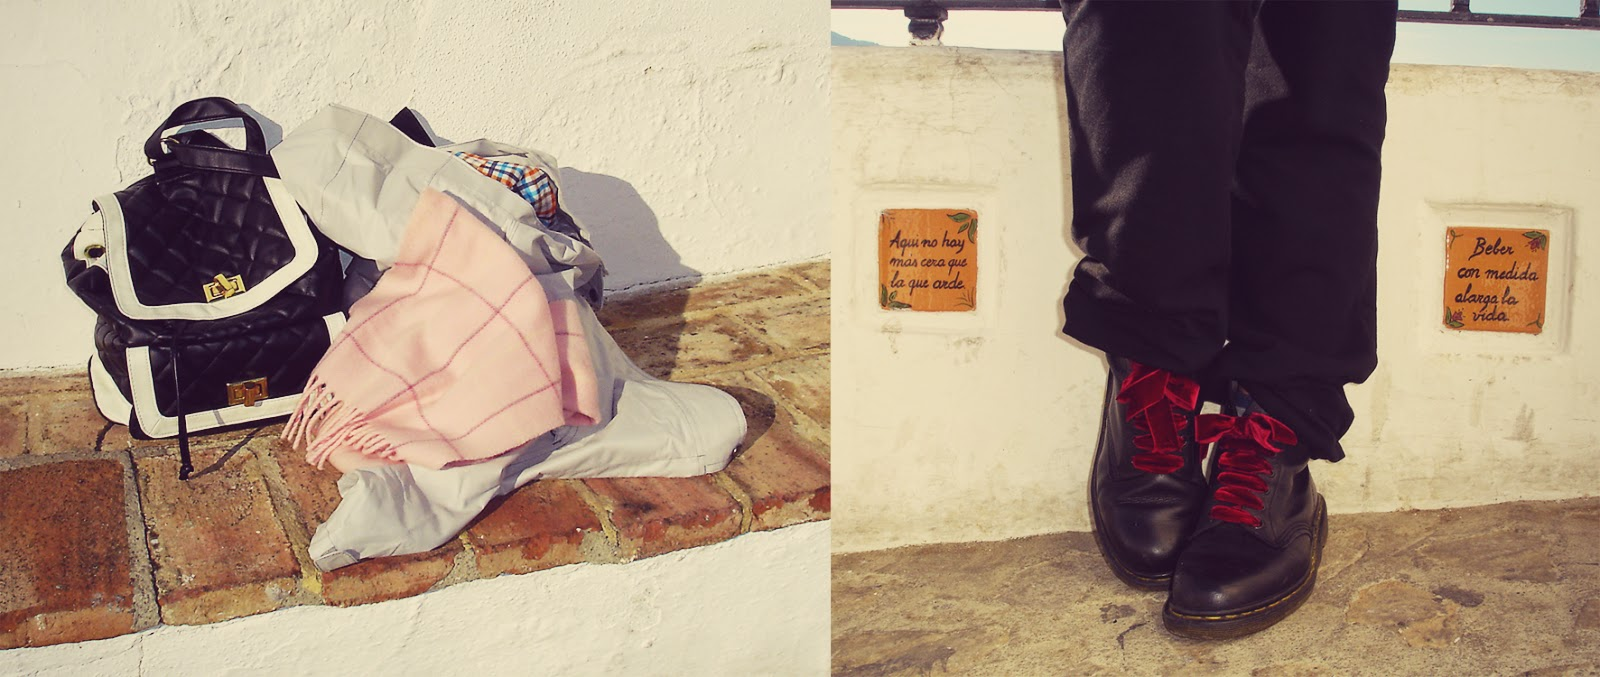 accesorios+de+invierno